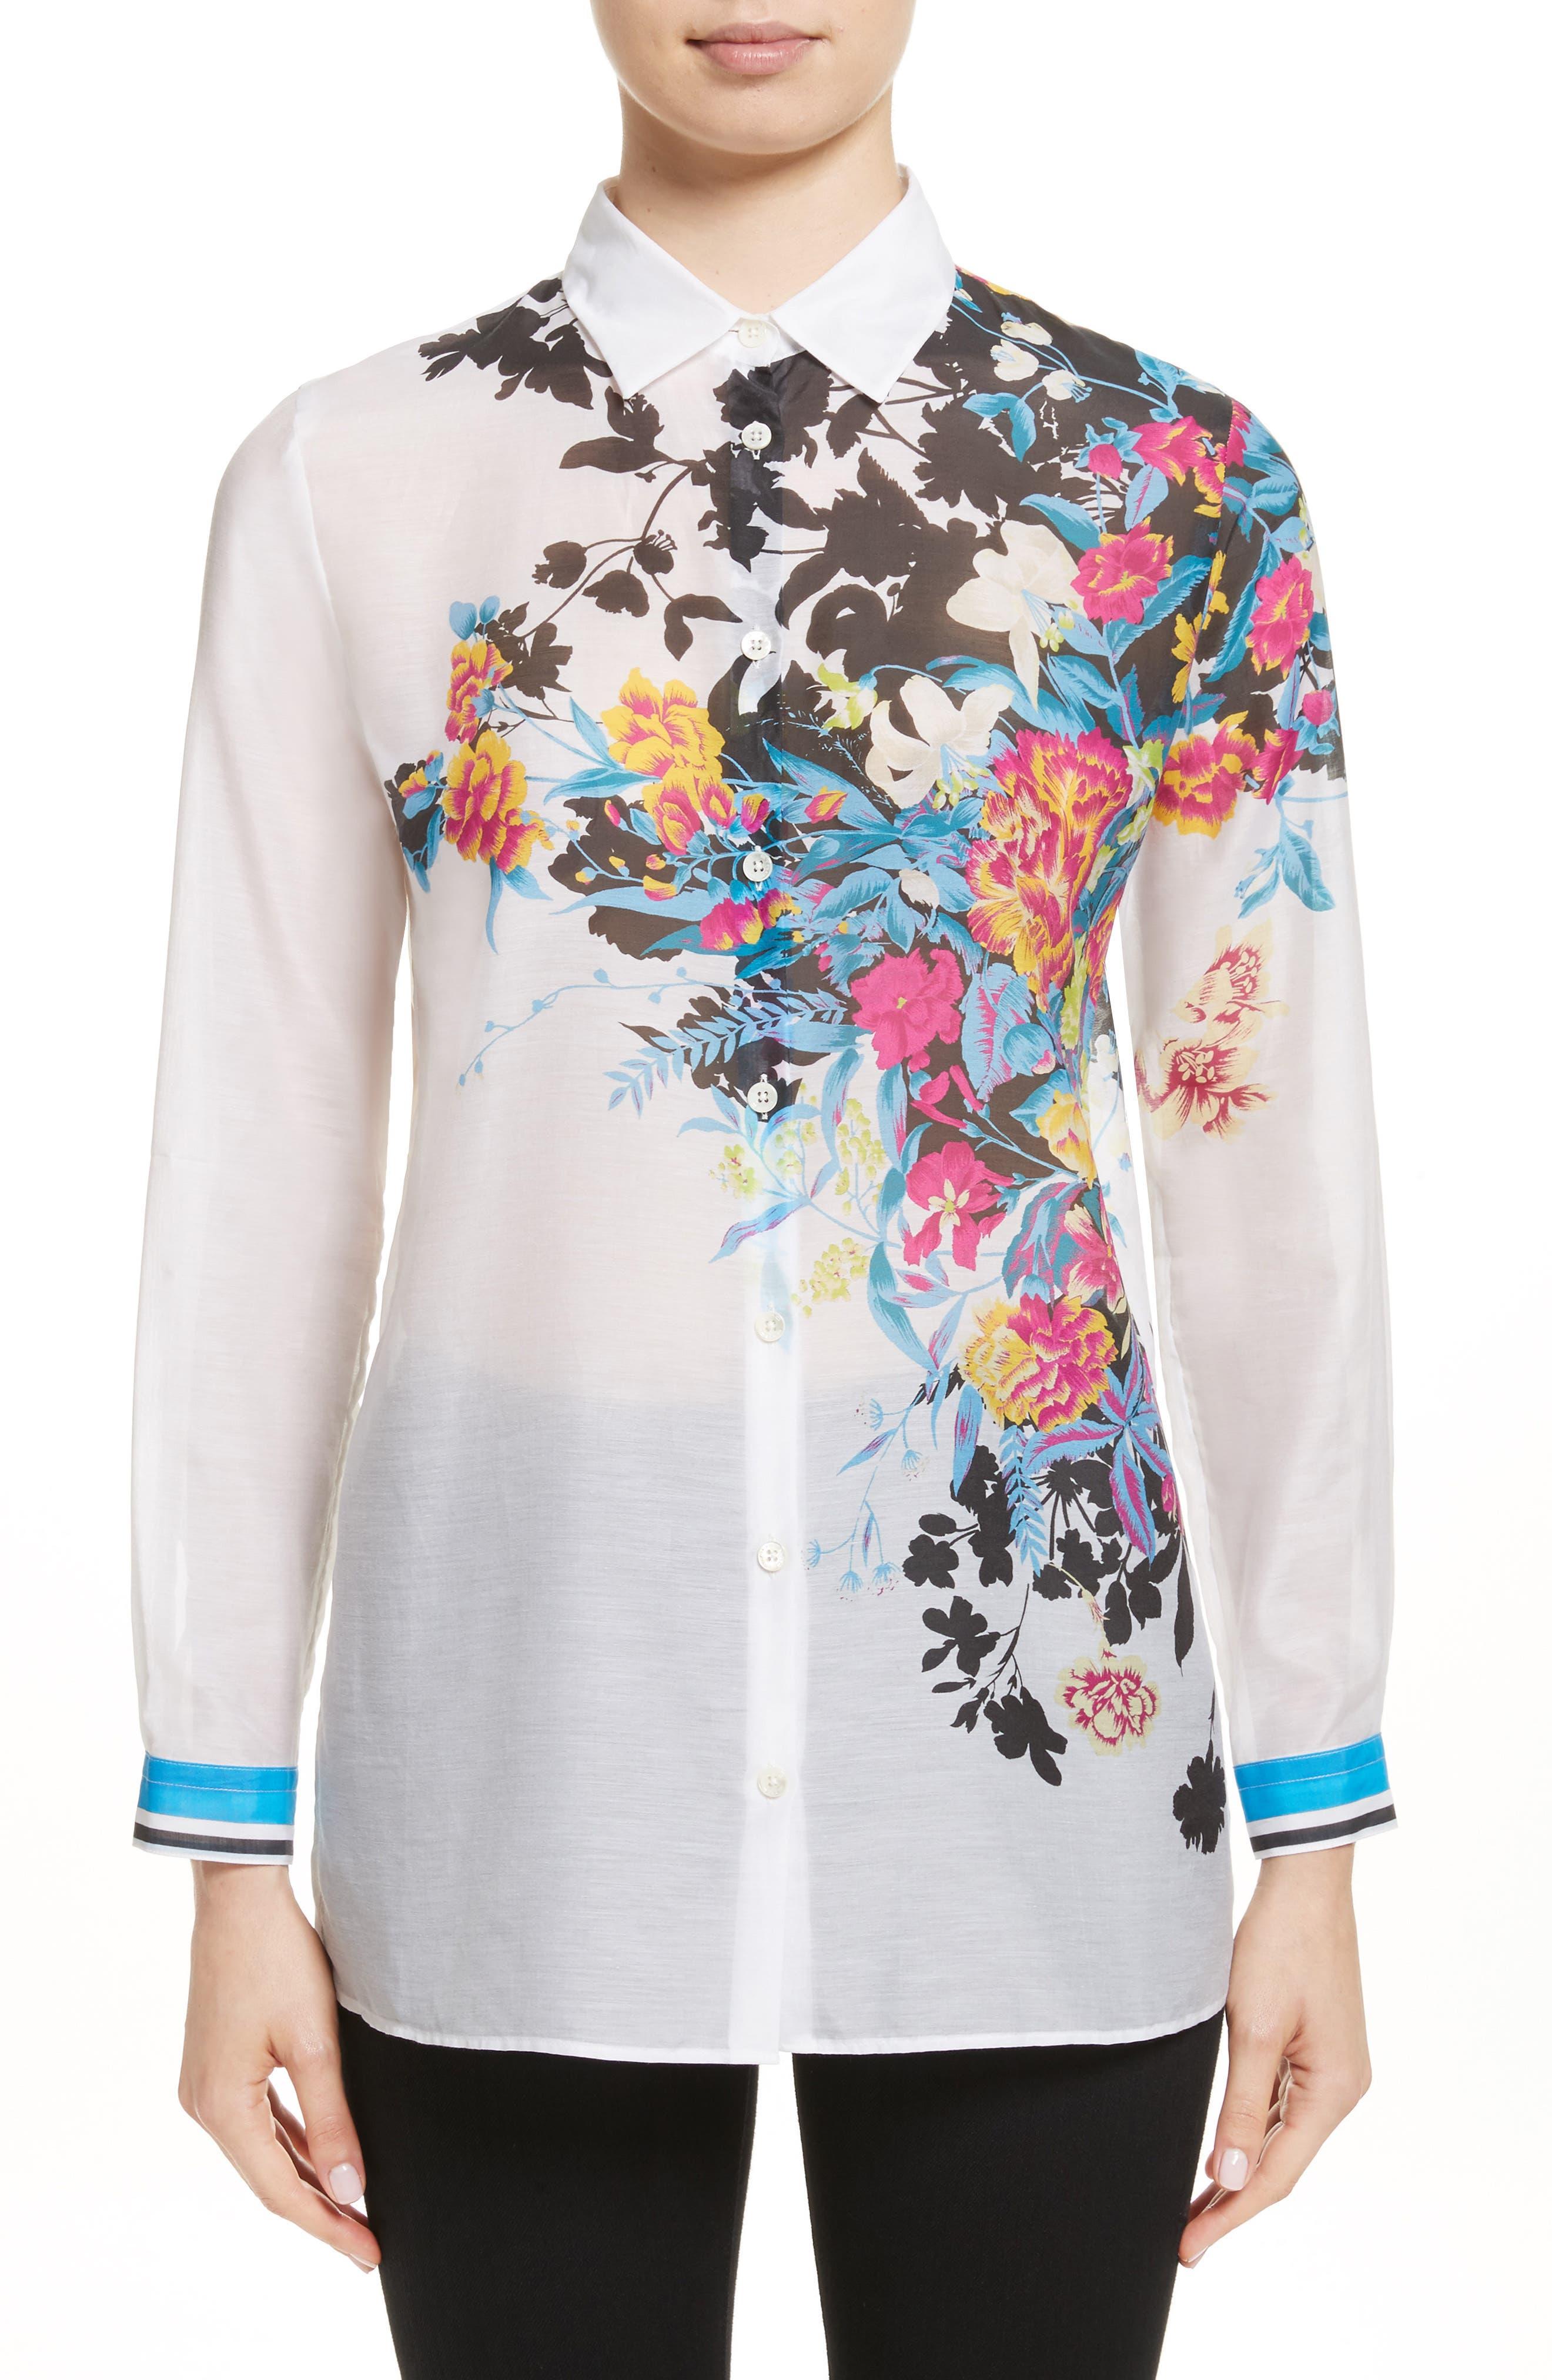 Main Image - Etro Floral Print Cotton & Silk Blouse